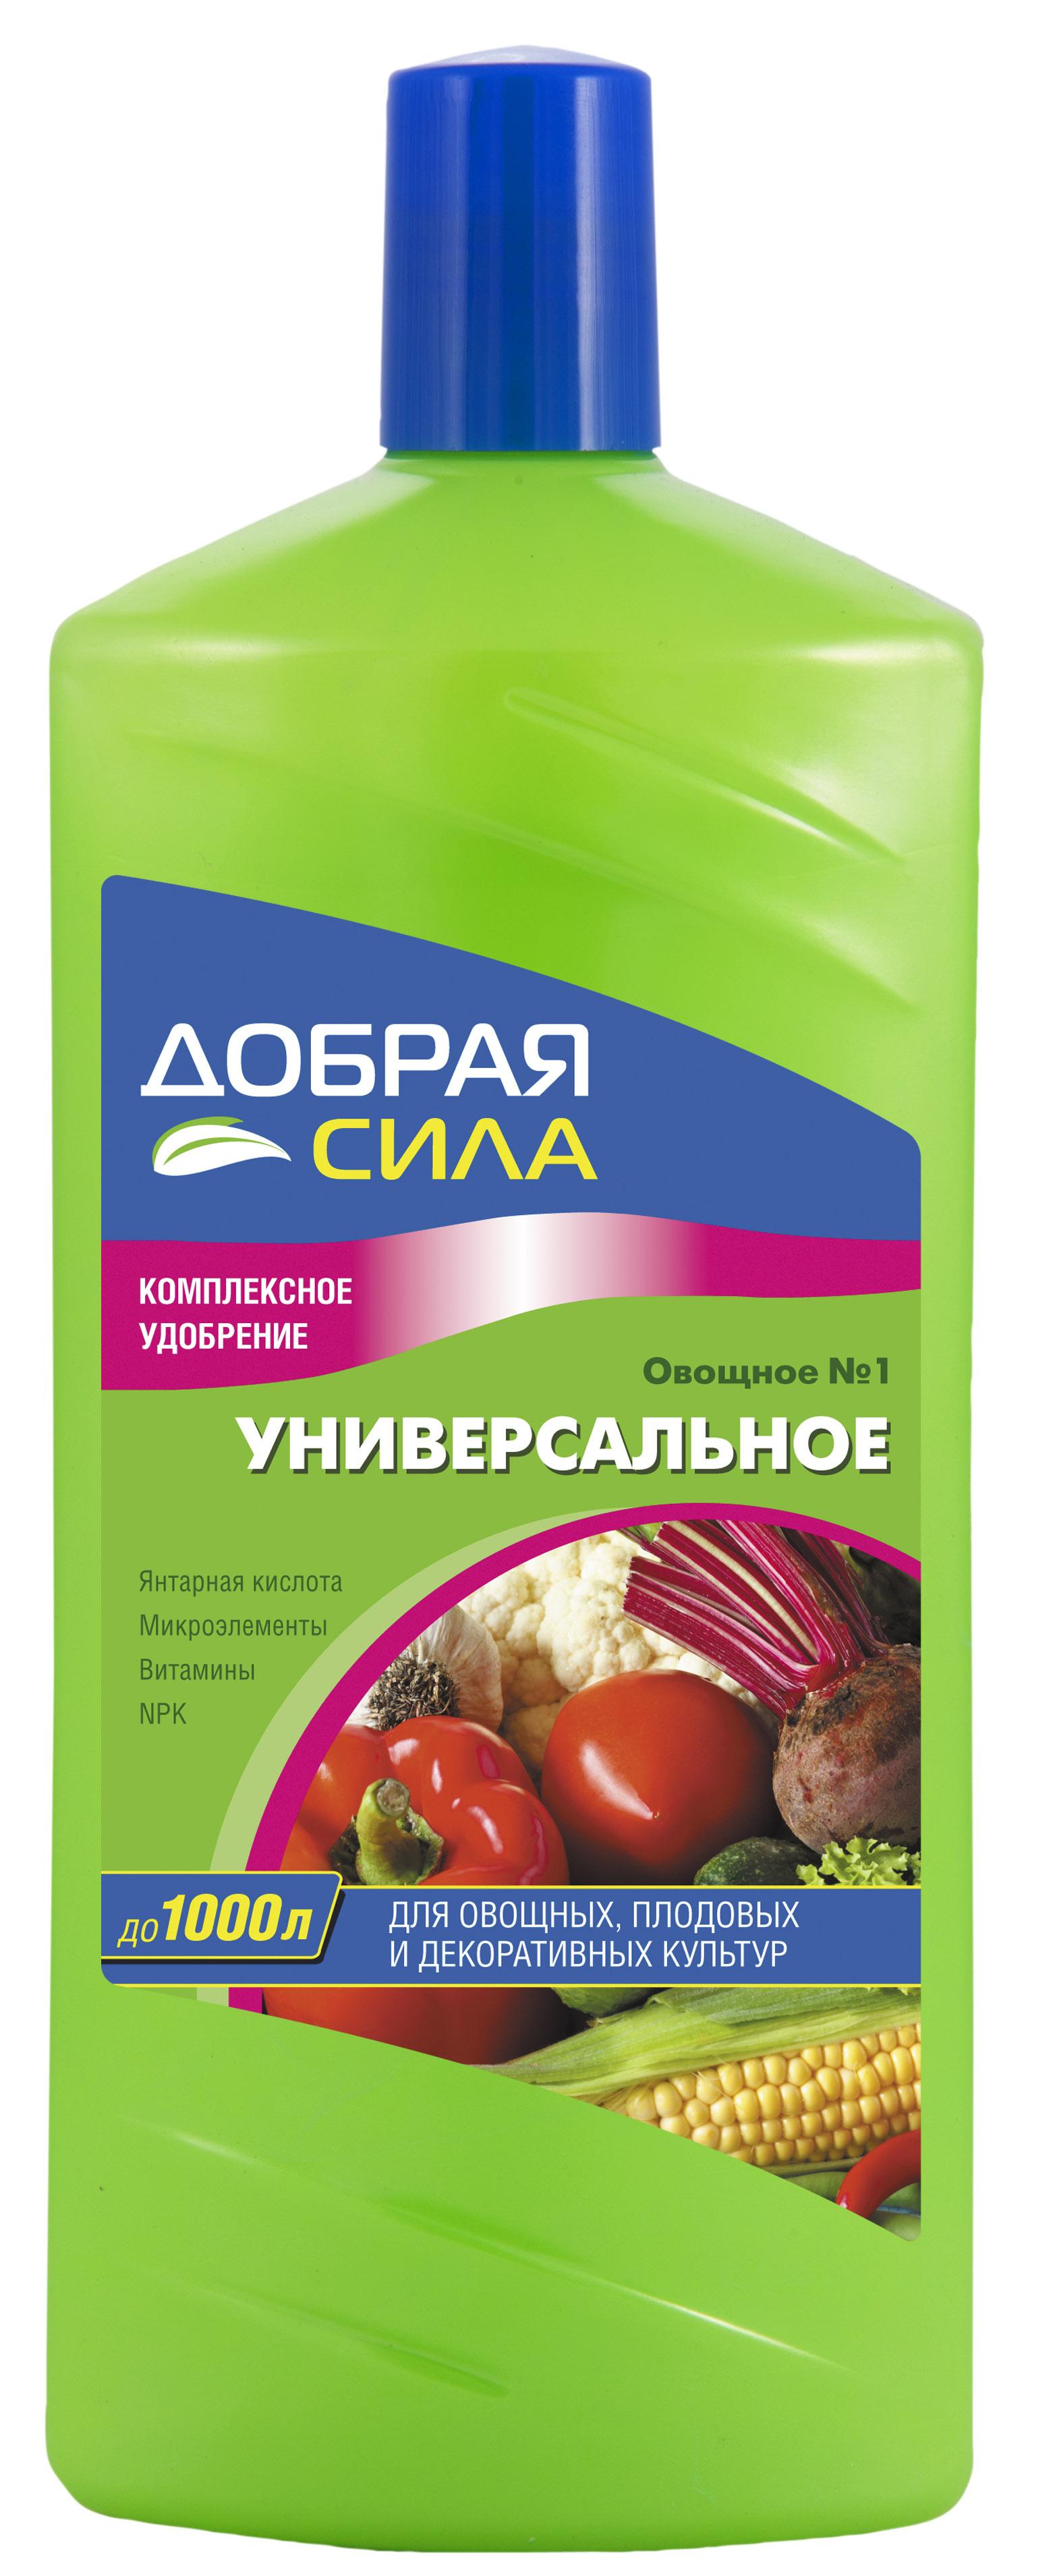 Жидкое комплексное удобрение Добрая Сила, универсальное, для овощных, плодовых и декоративных культур, 1 л8711969015951Обеспечивает сбалансированное питание, стимулирует образование завязей, увеличивает урожай, оздоравливает корневую систему растений. Удобрение содержит полный комплекс веществ, необходимых для полноценного питания растений: -высокая доля (11 %) основных элементов (NPK), обеспечивающих усиленное питание для растений; Г-уминовые кислоты способствуют активизации роста растений и повышают стрессоустойчивость; -комплекс основных микроэлементов в хелатной форме способствует полному их усвоению и пролонгированному действию; -комплекс витаминов для поддержания и укрепления иммунной системы растений; -регулятор роста для стимулирования роста растений.